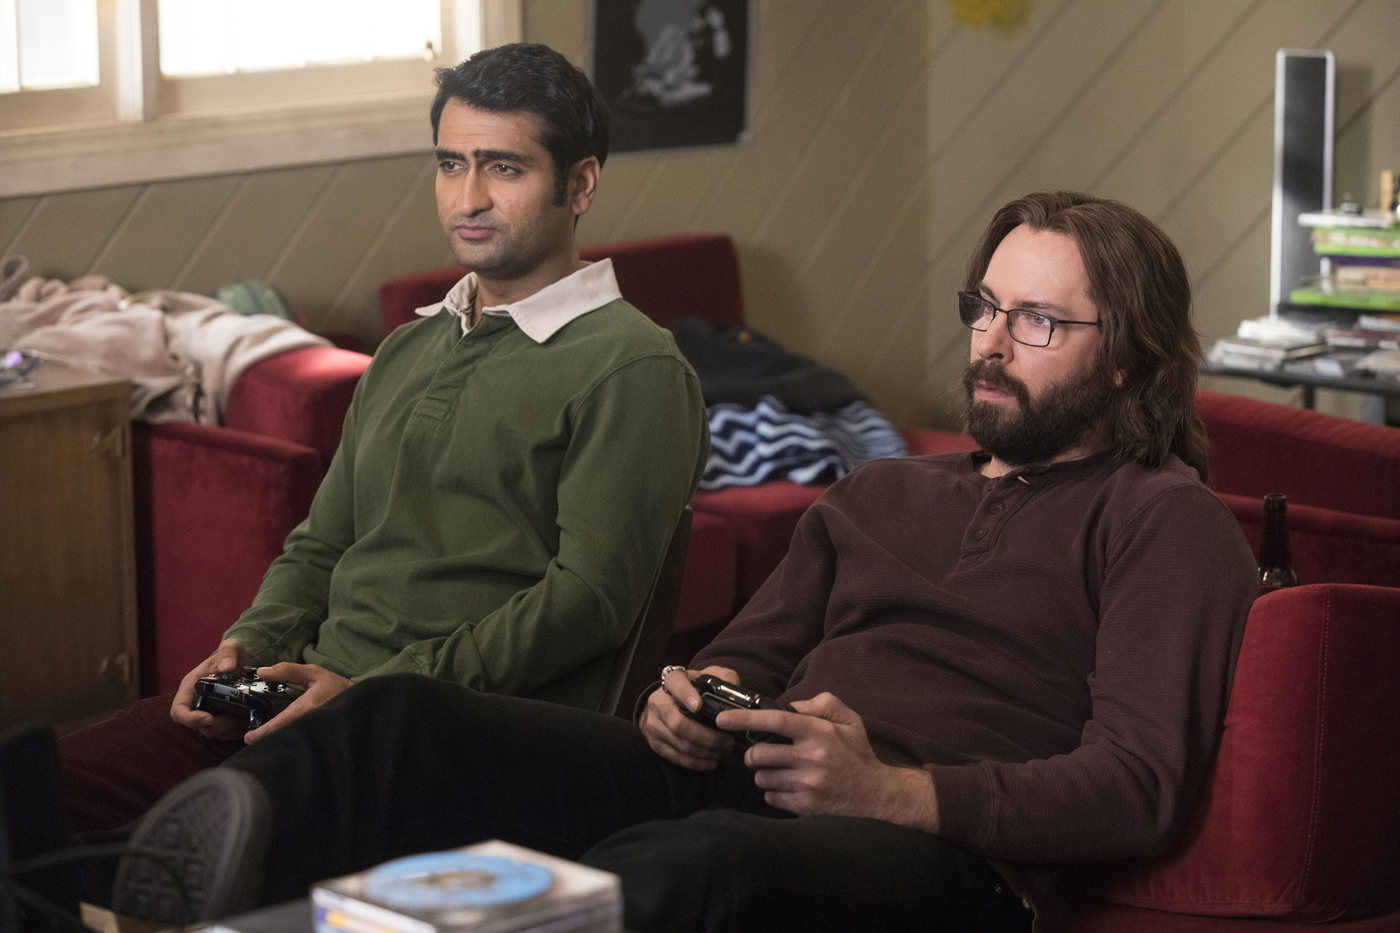 Silicon Valley Recap: Season 4, Episode 4, Teambuilding Exercise